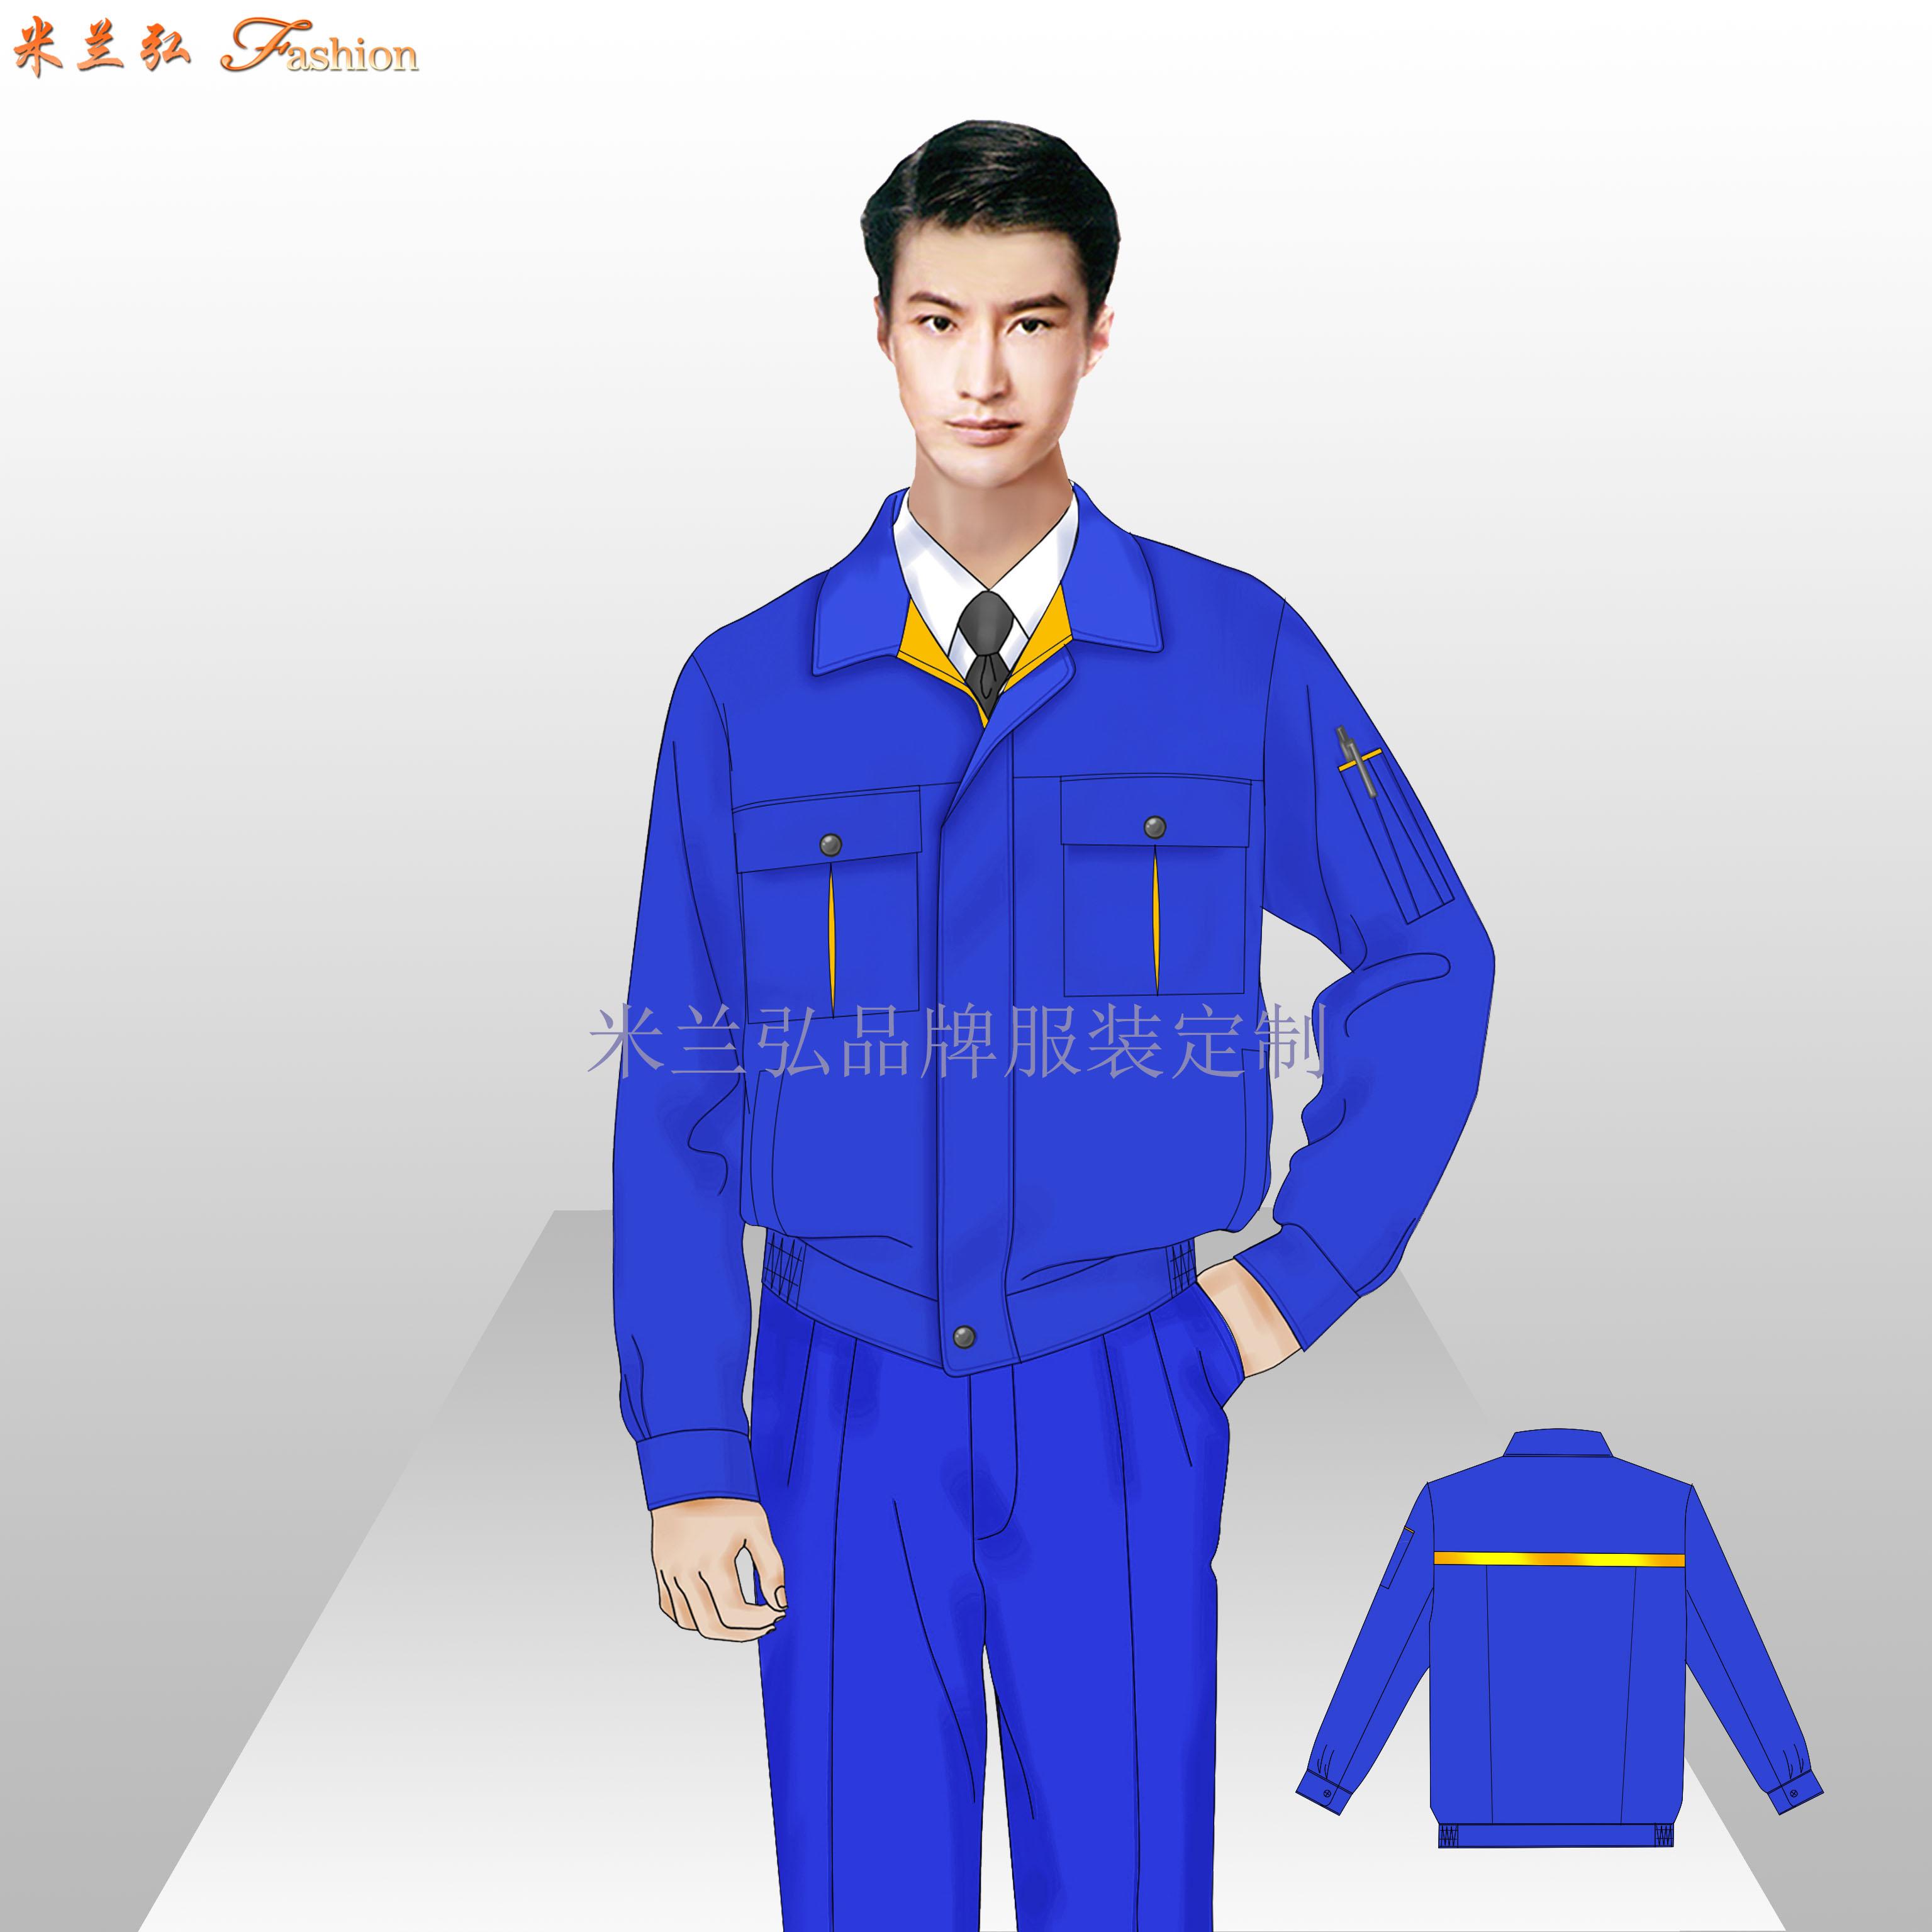 貴陽工作服定制_貴陽工程服訂做-米蘭弘服裝廠家-5